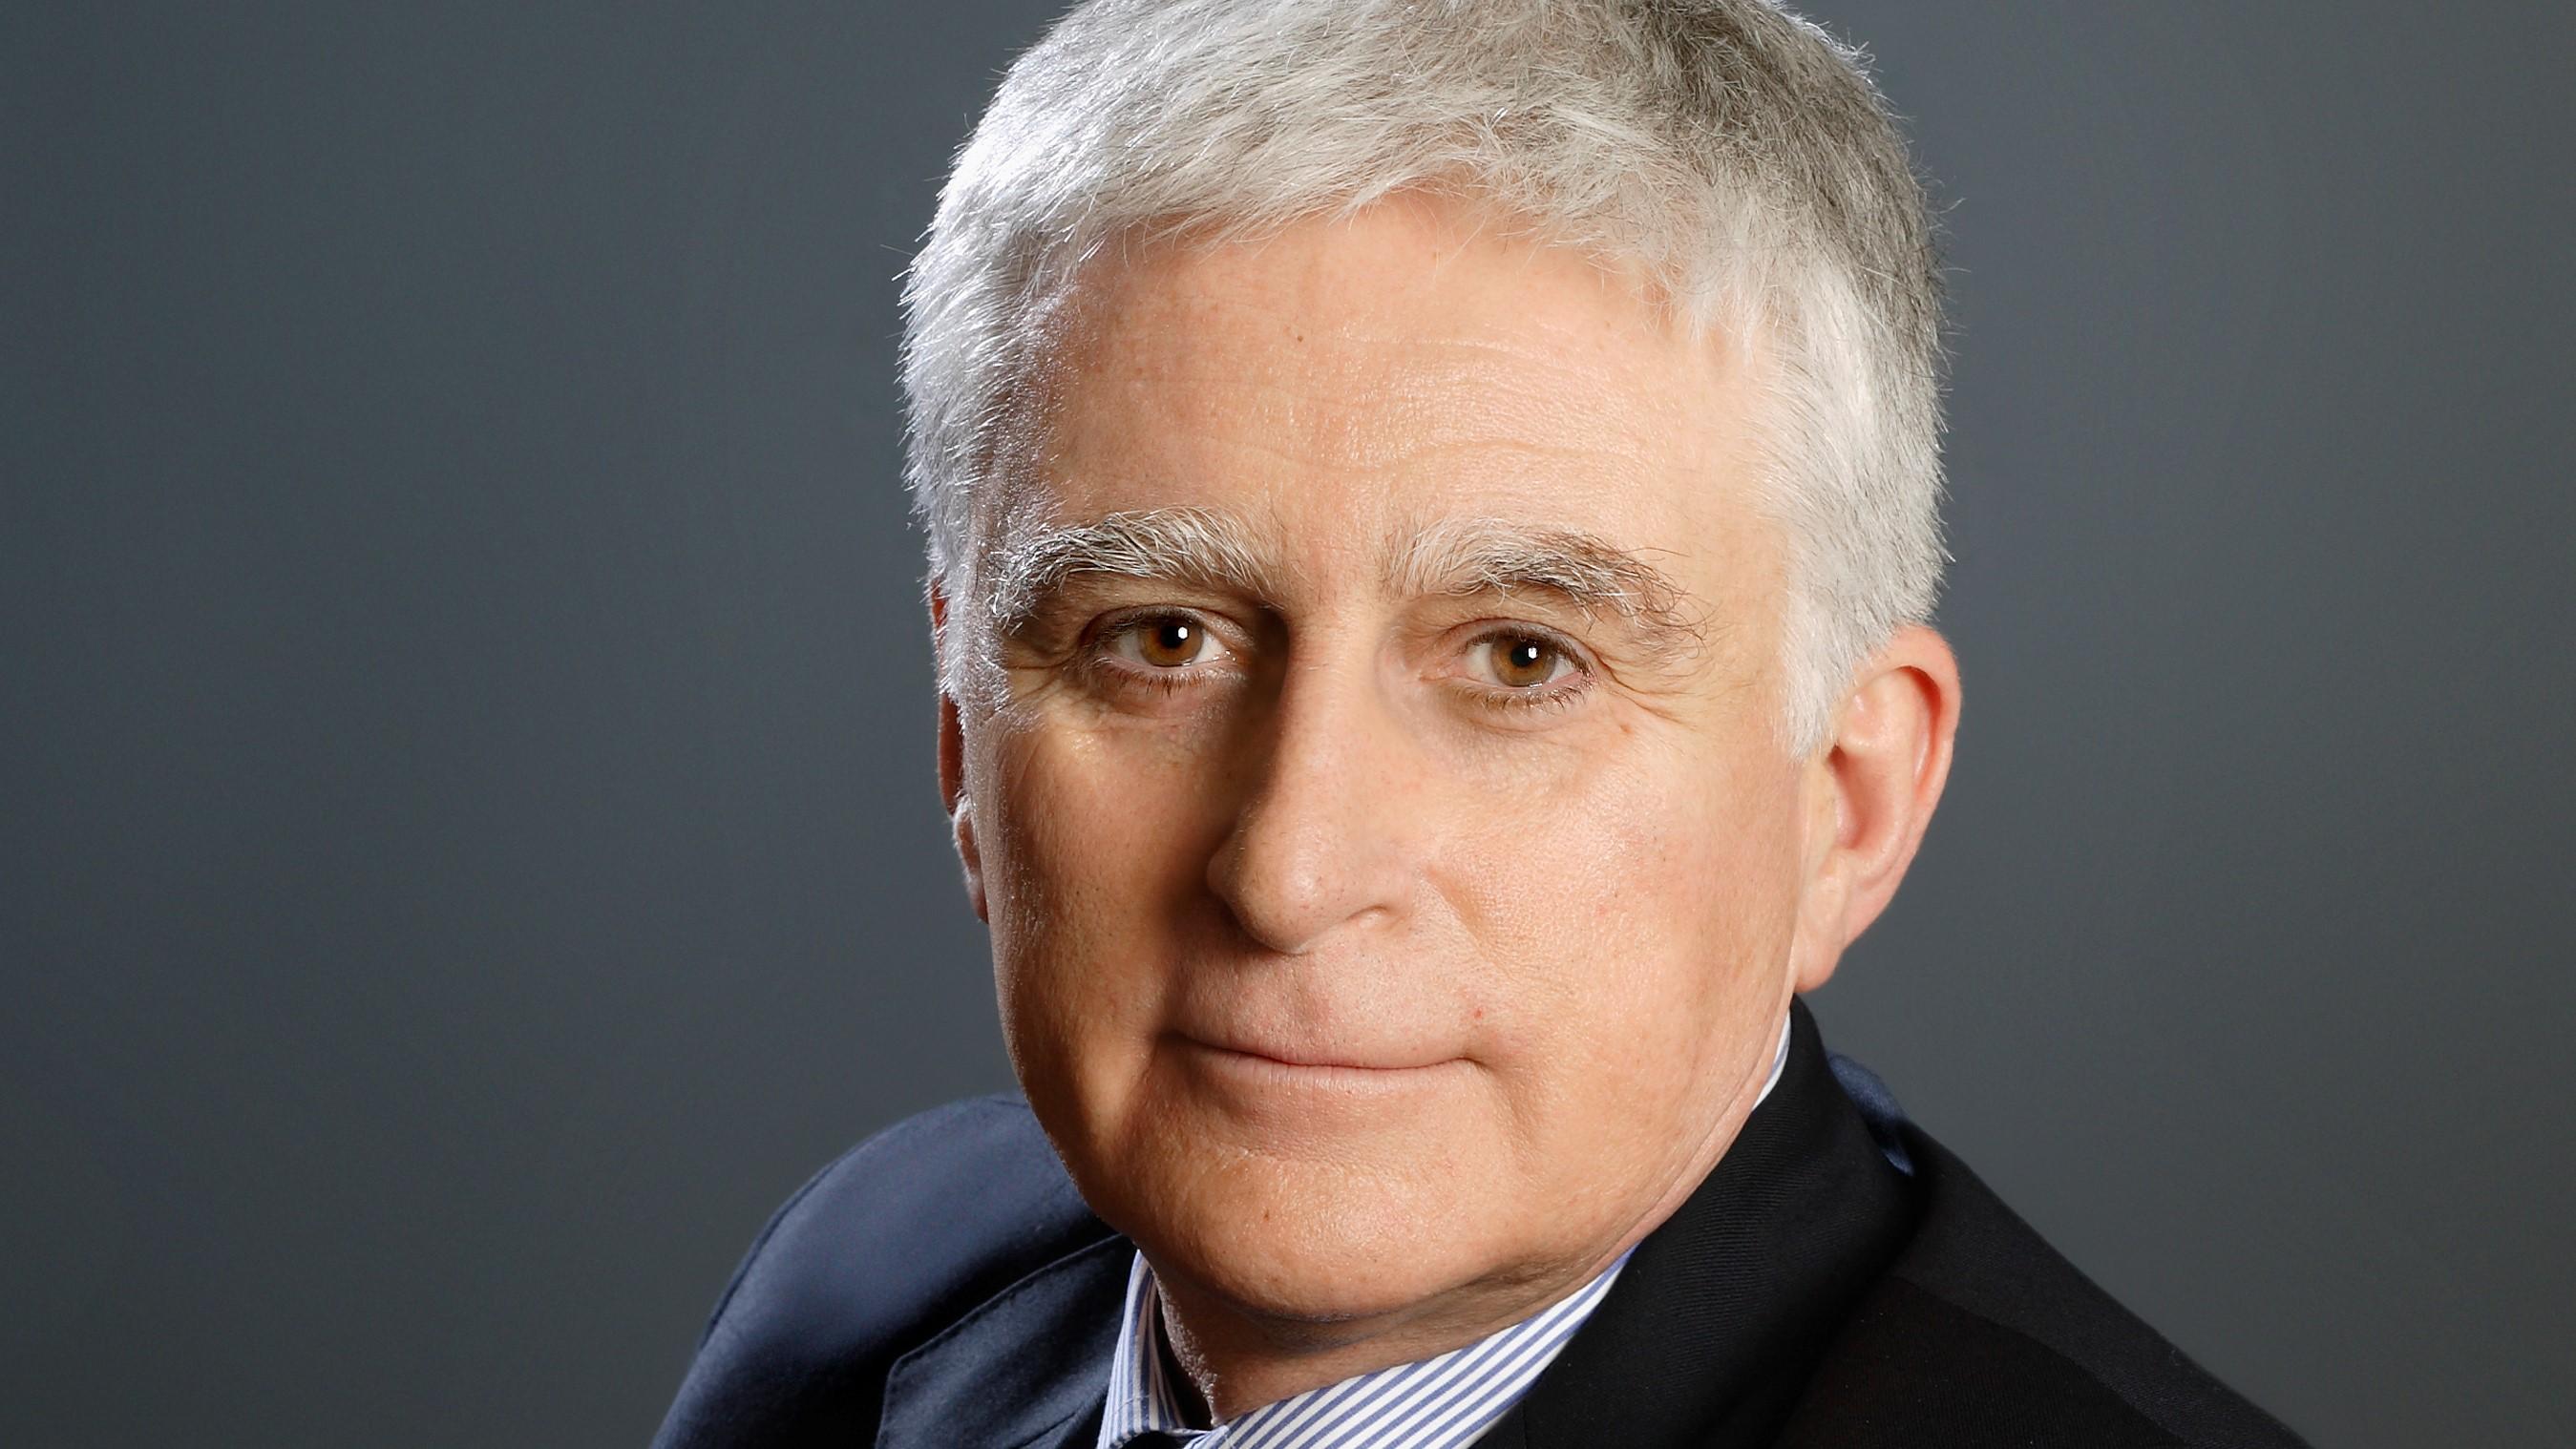 Mediaset España Chief on Internationalizing Spanish Content, Eying Streaming Market